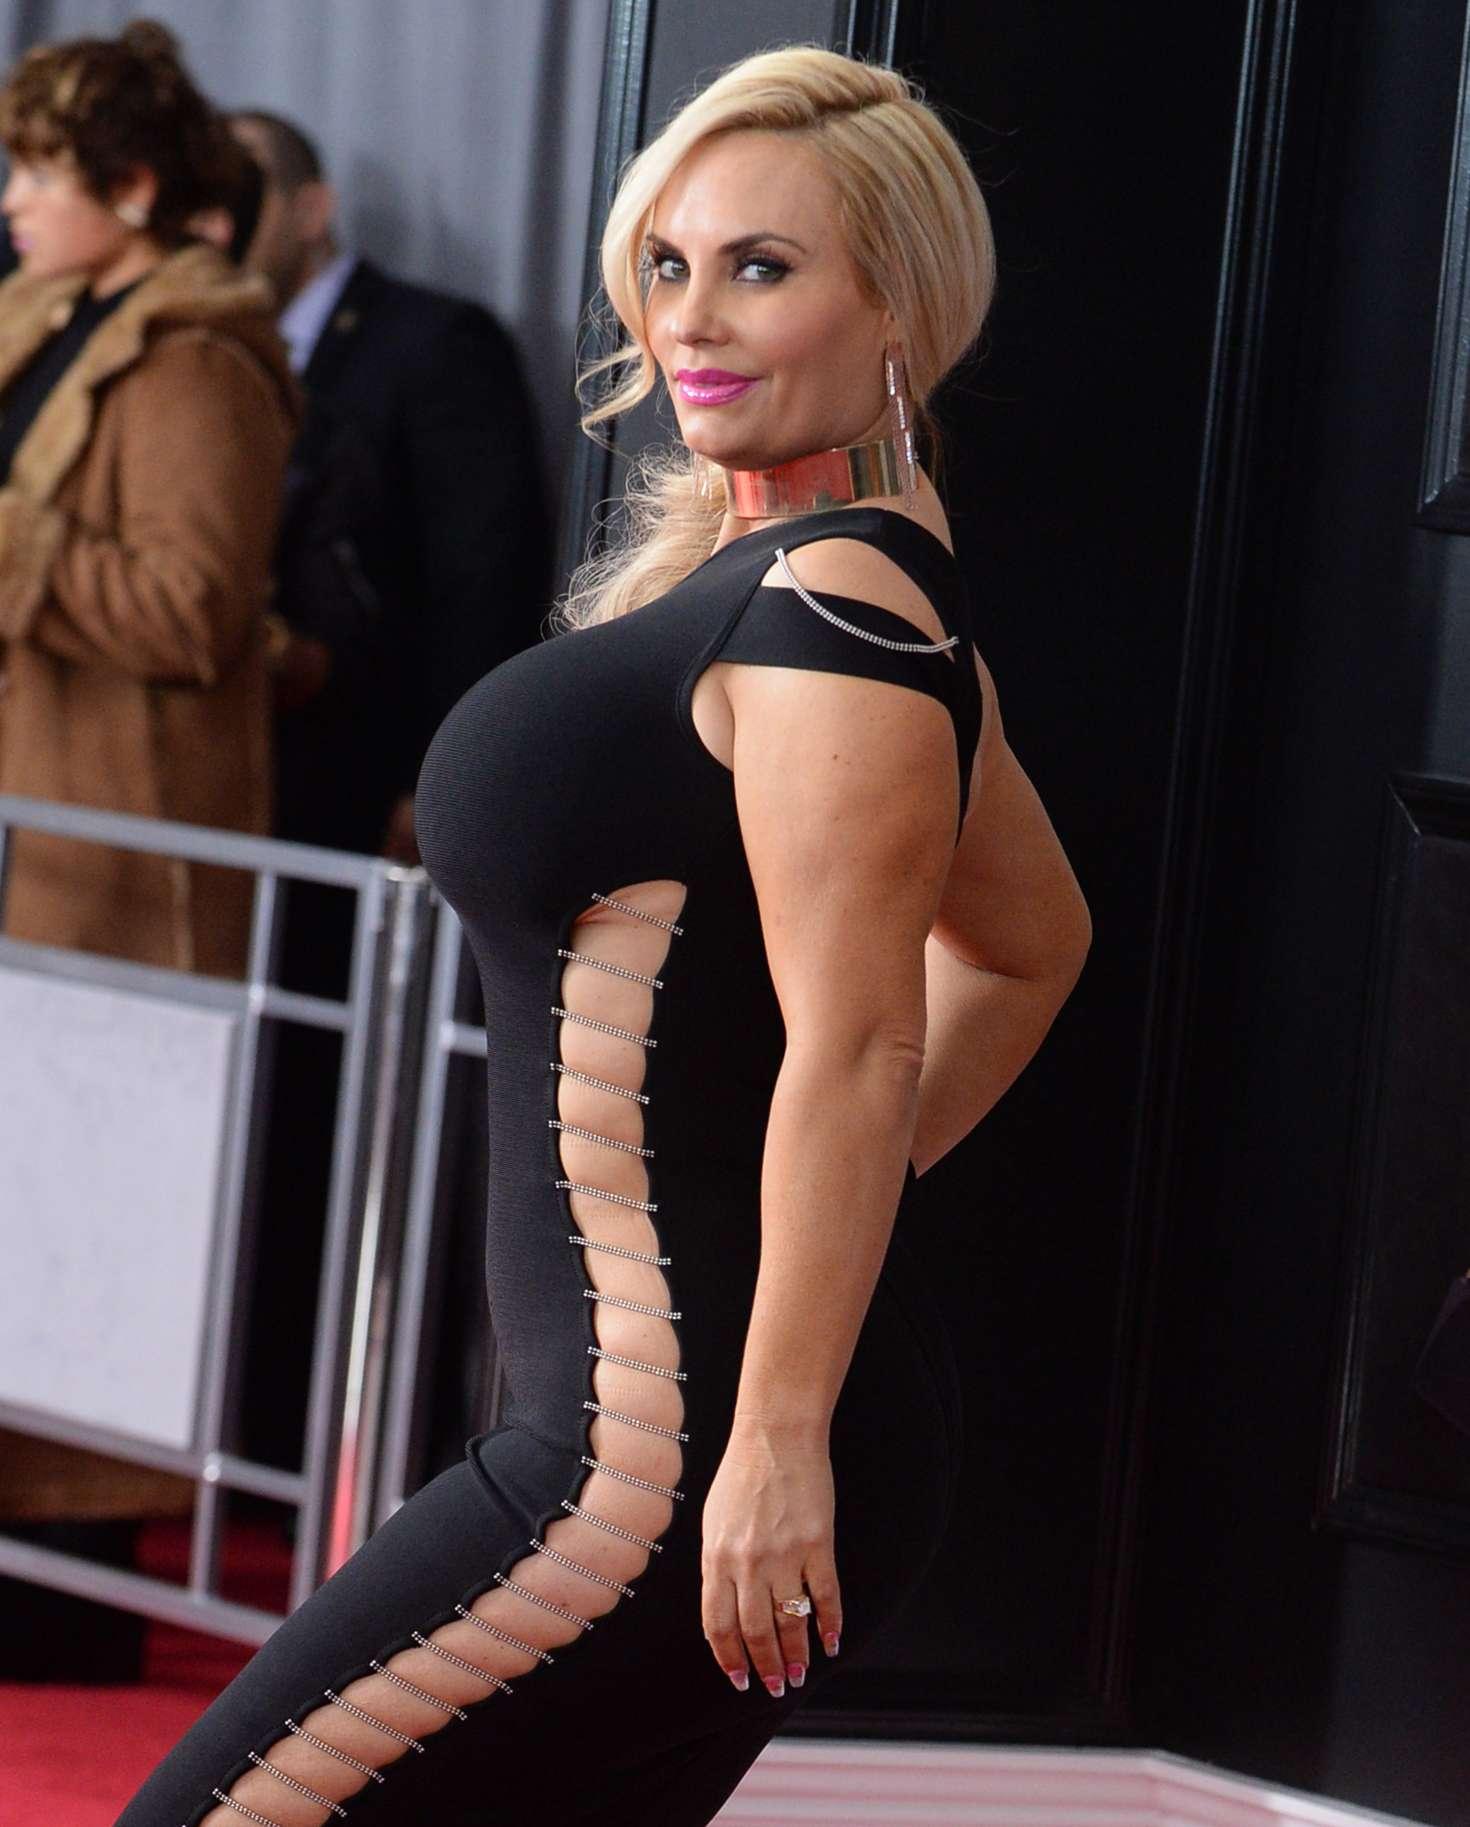 Nicole Coco Austin - 2018 GRAMMY Awards in New York City